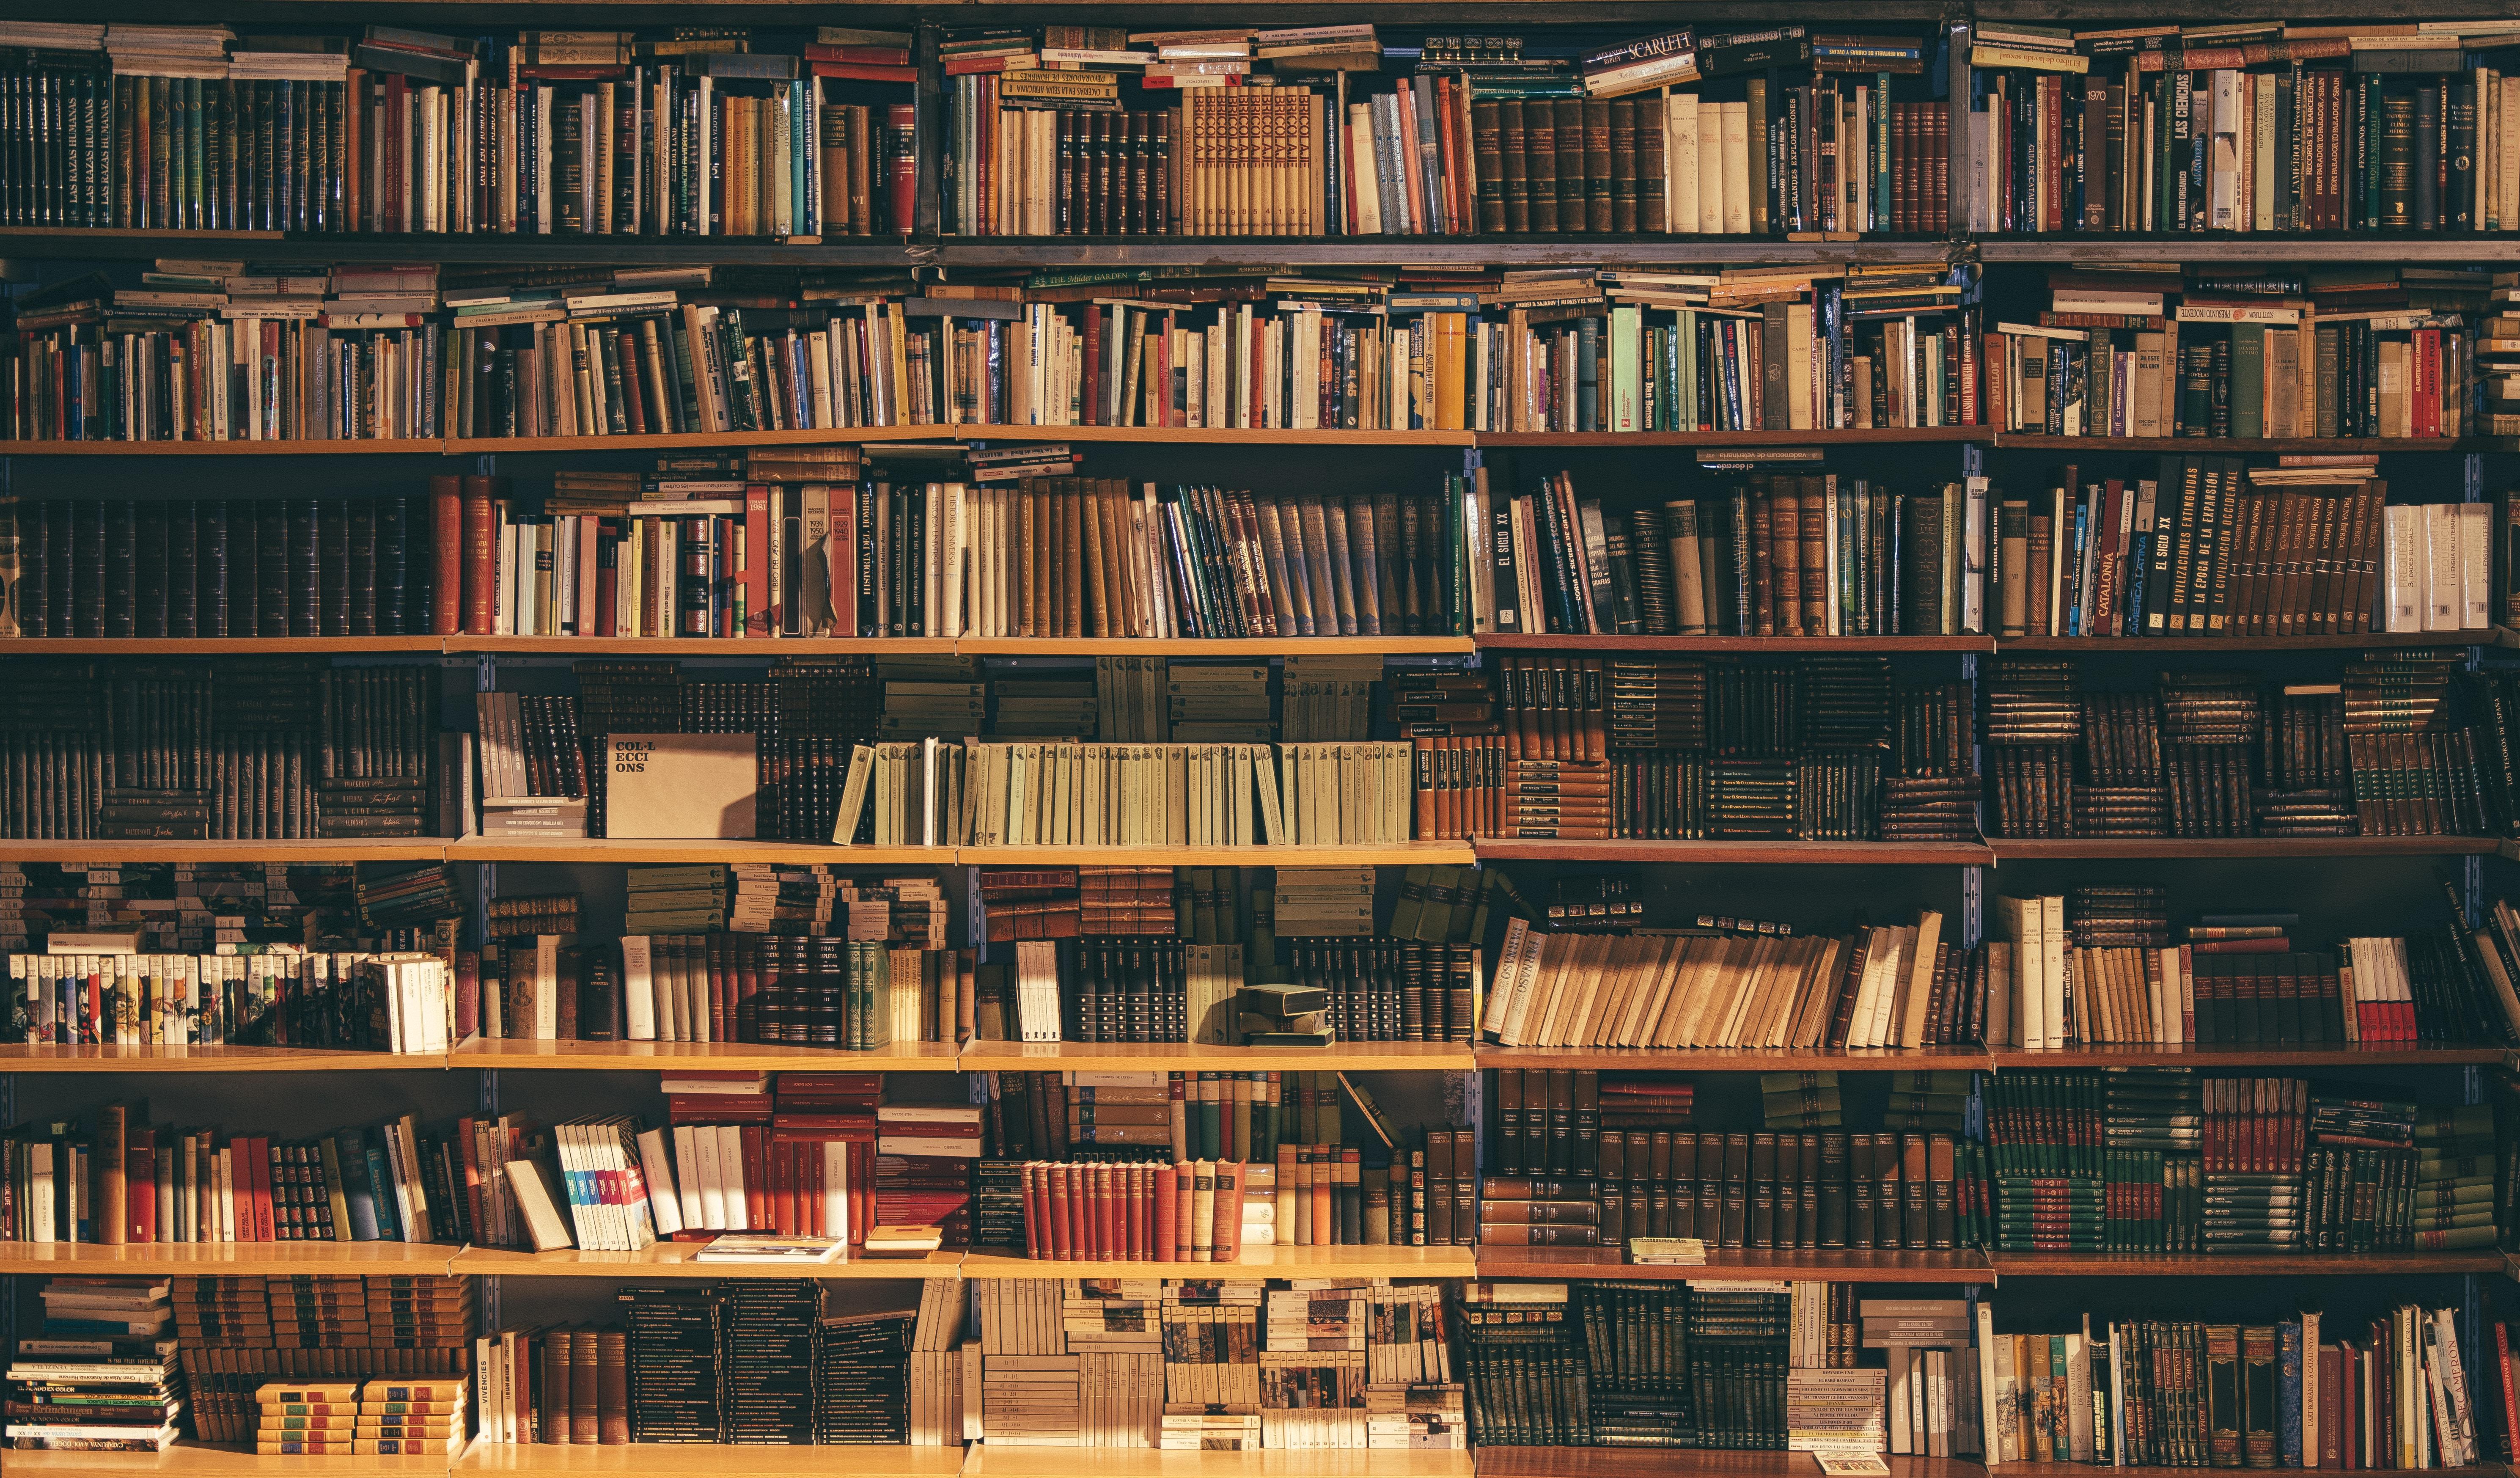 2018年佛山市联合图书馆阅读报告发布